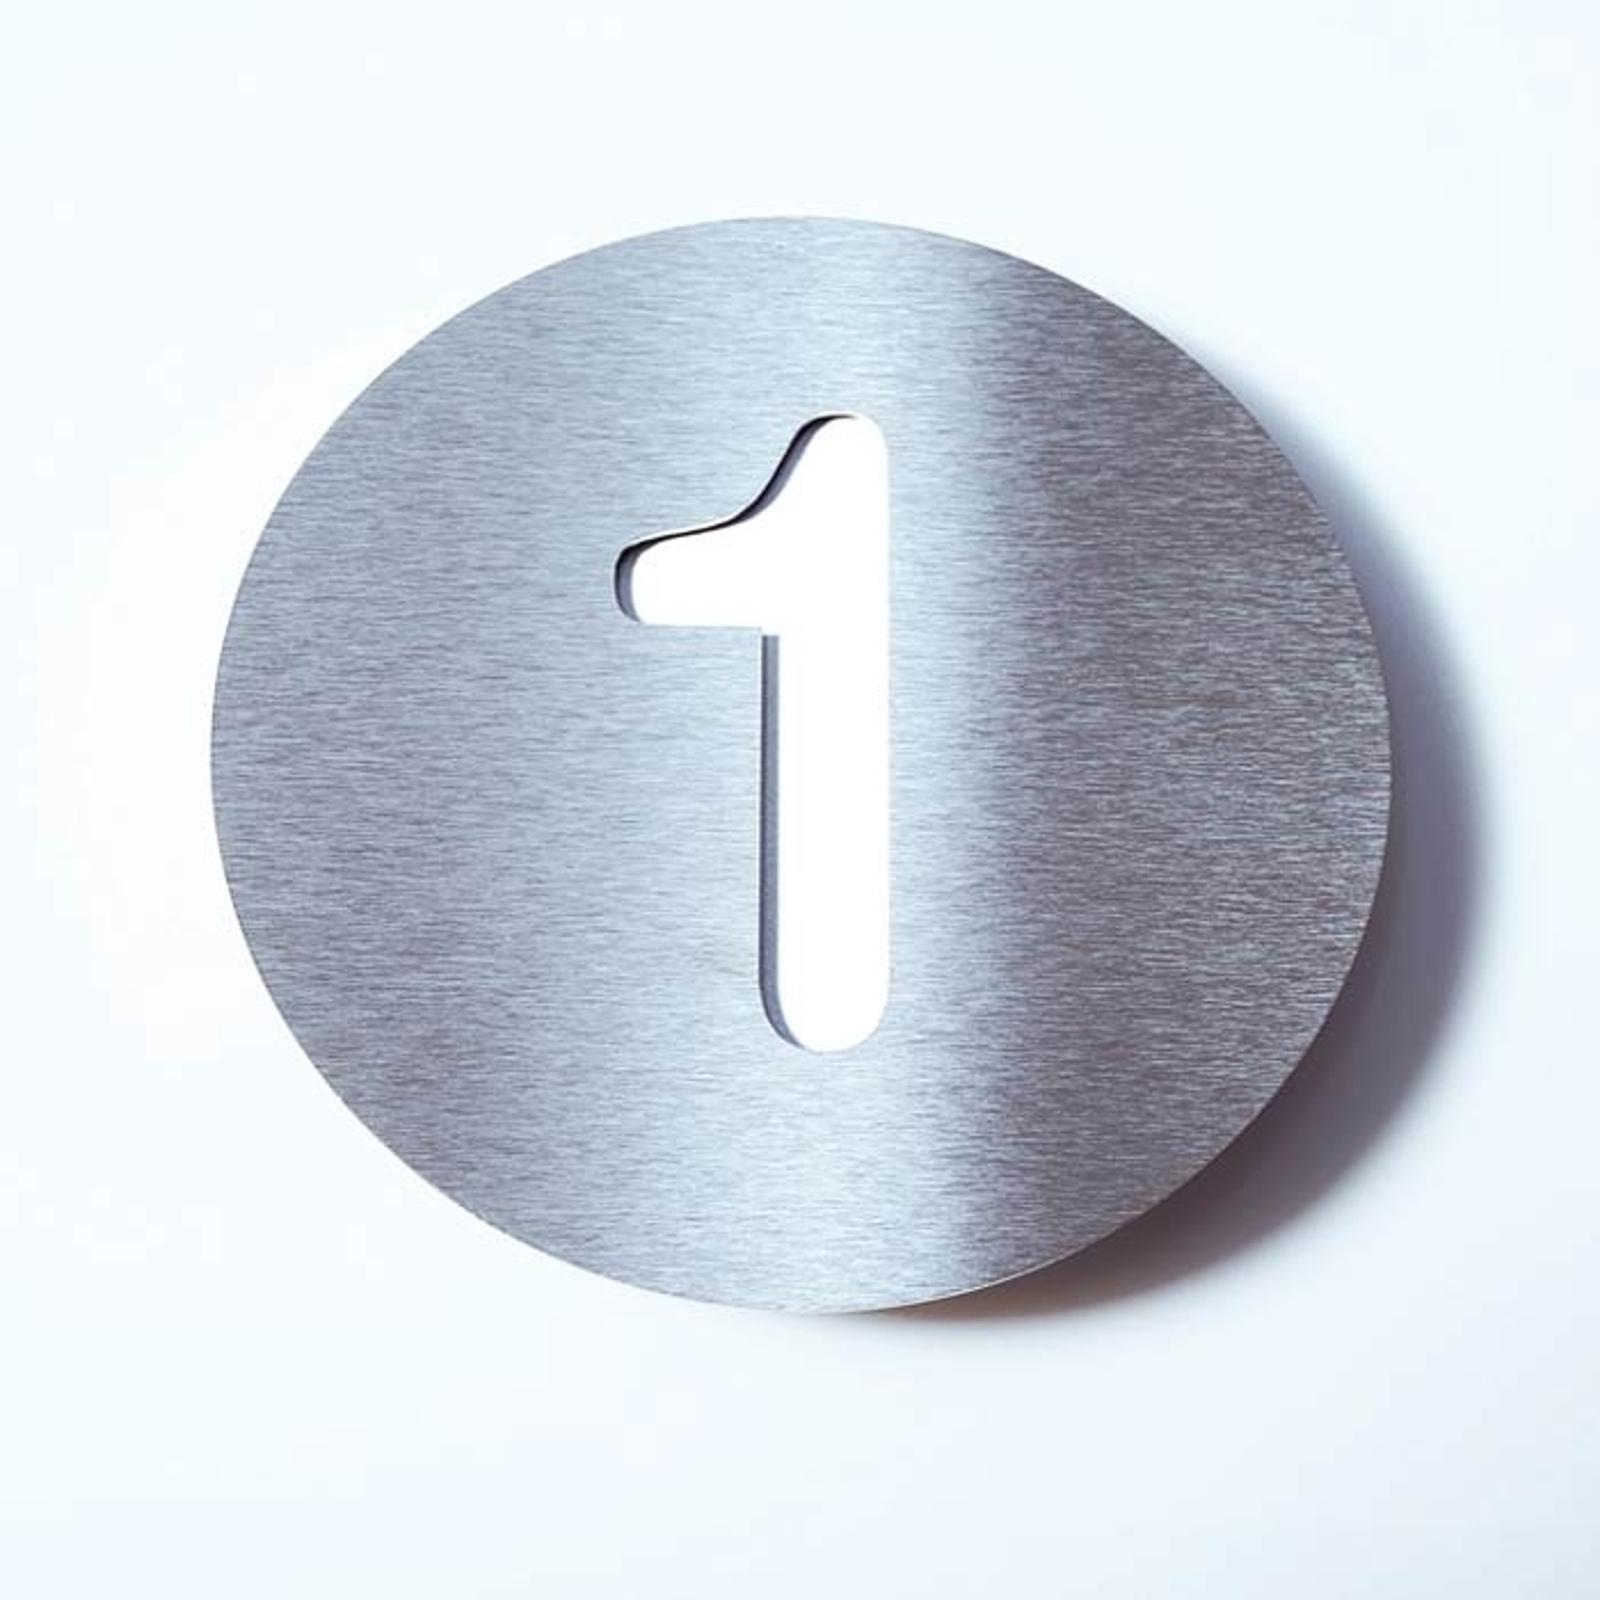 Numéro de maison Round en inox  - 1